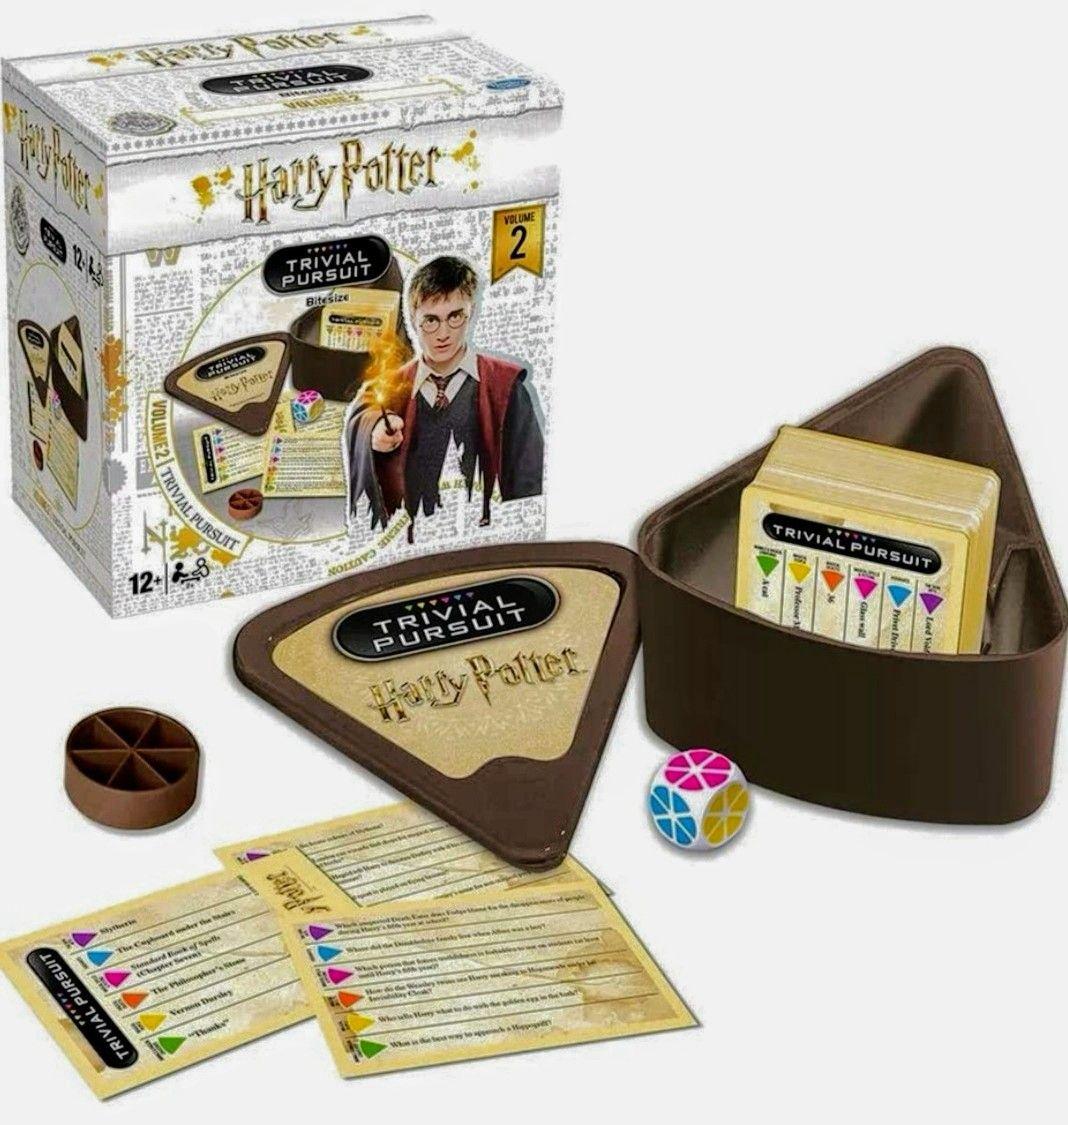 Trivial Pursuit Edición Especial Harry Potter (Precio Mínimo)